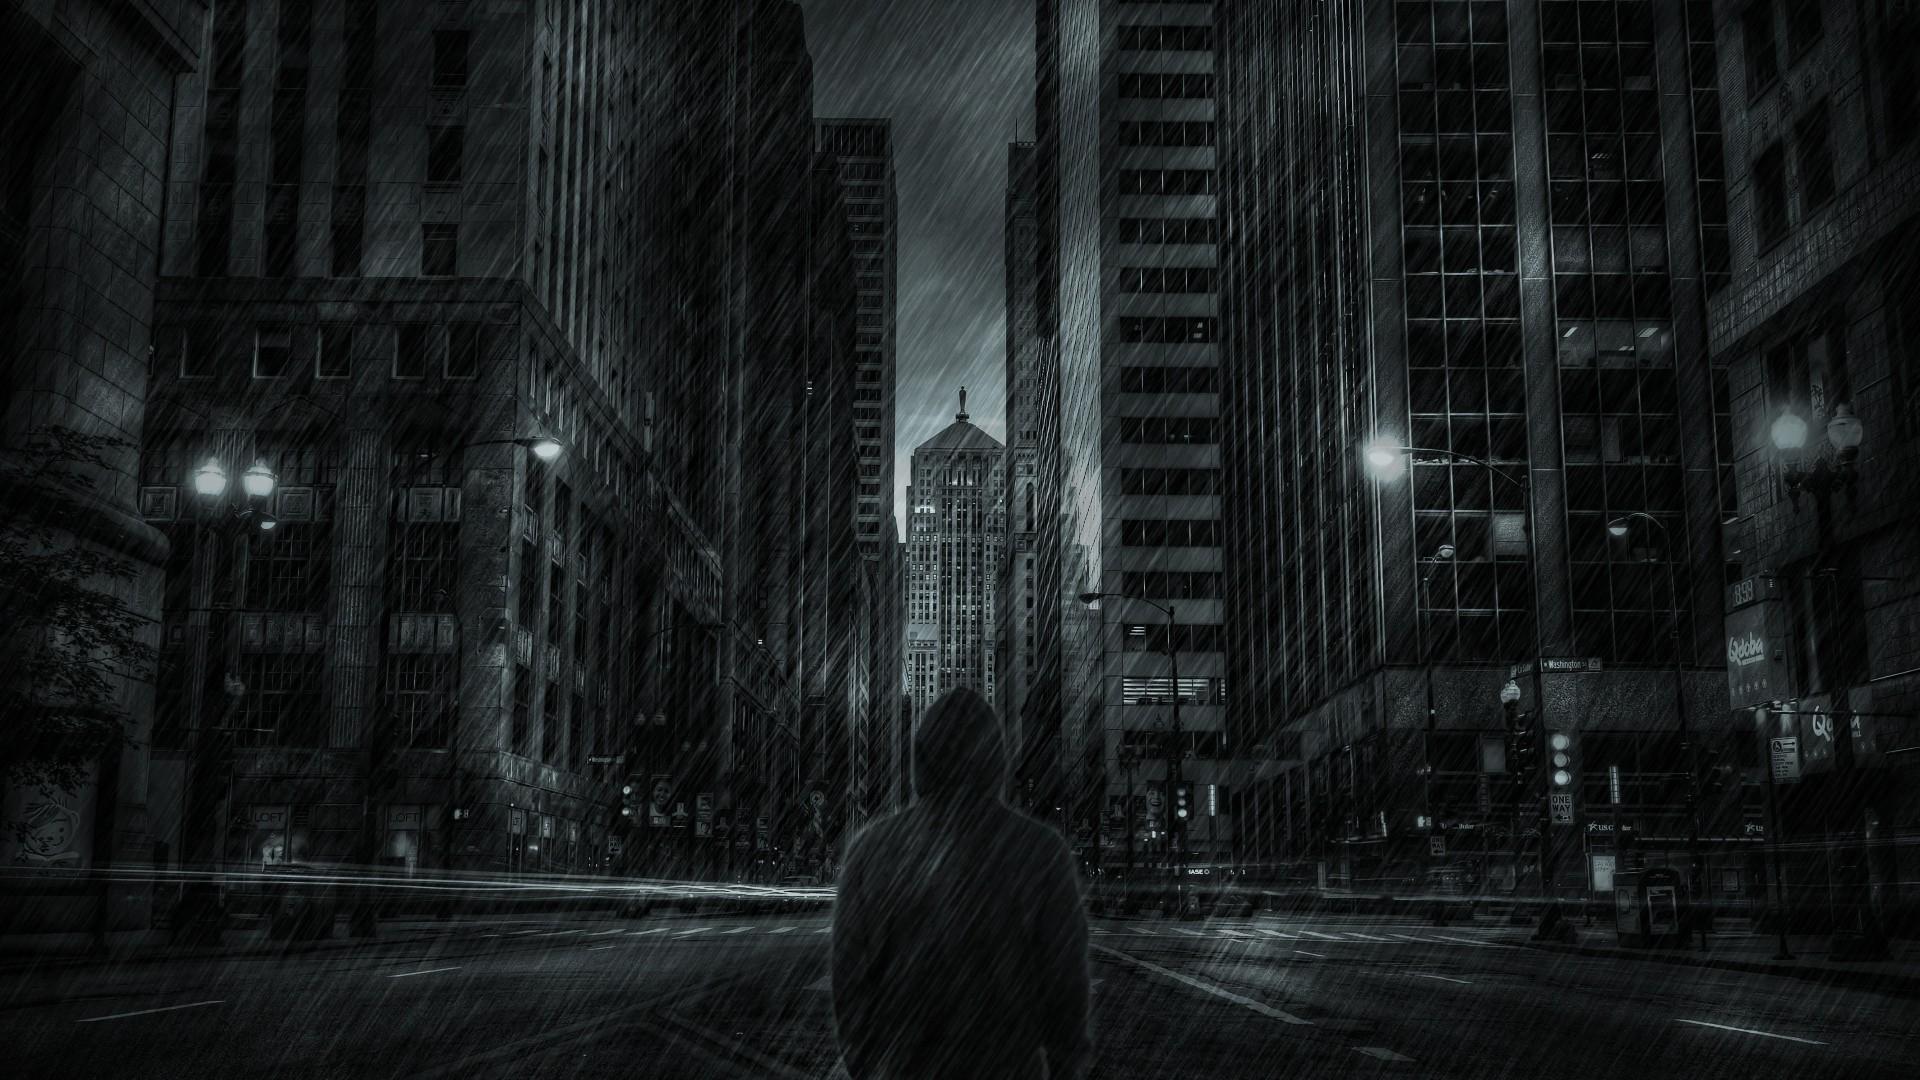 Buildings Skyscrapers Hoodie Rain Storm mood dark free desktop ...